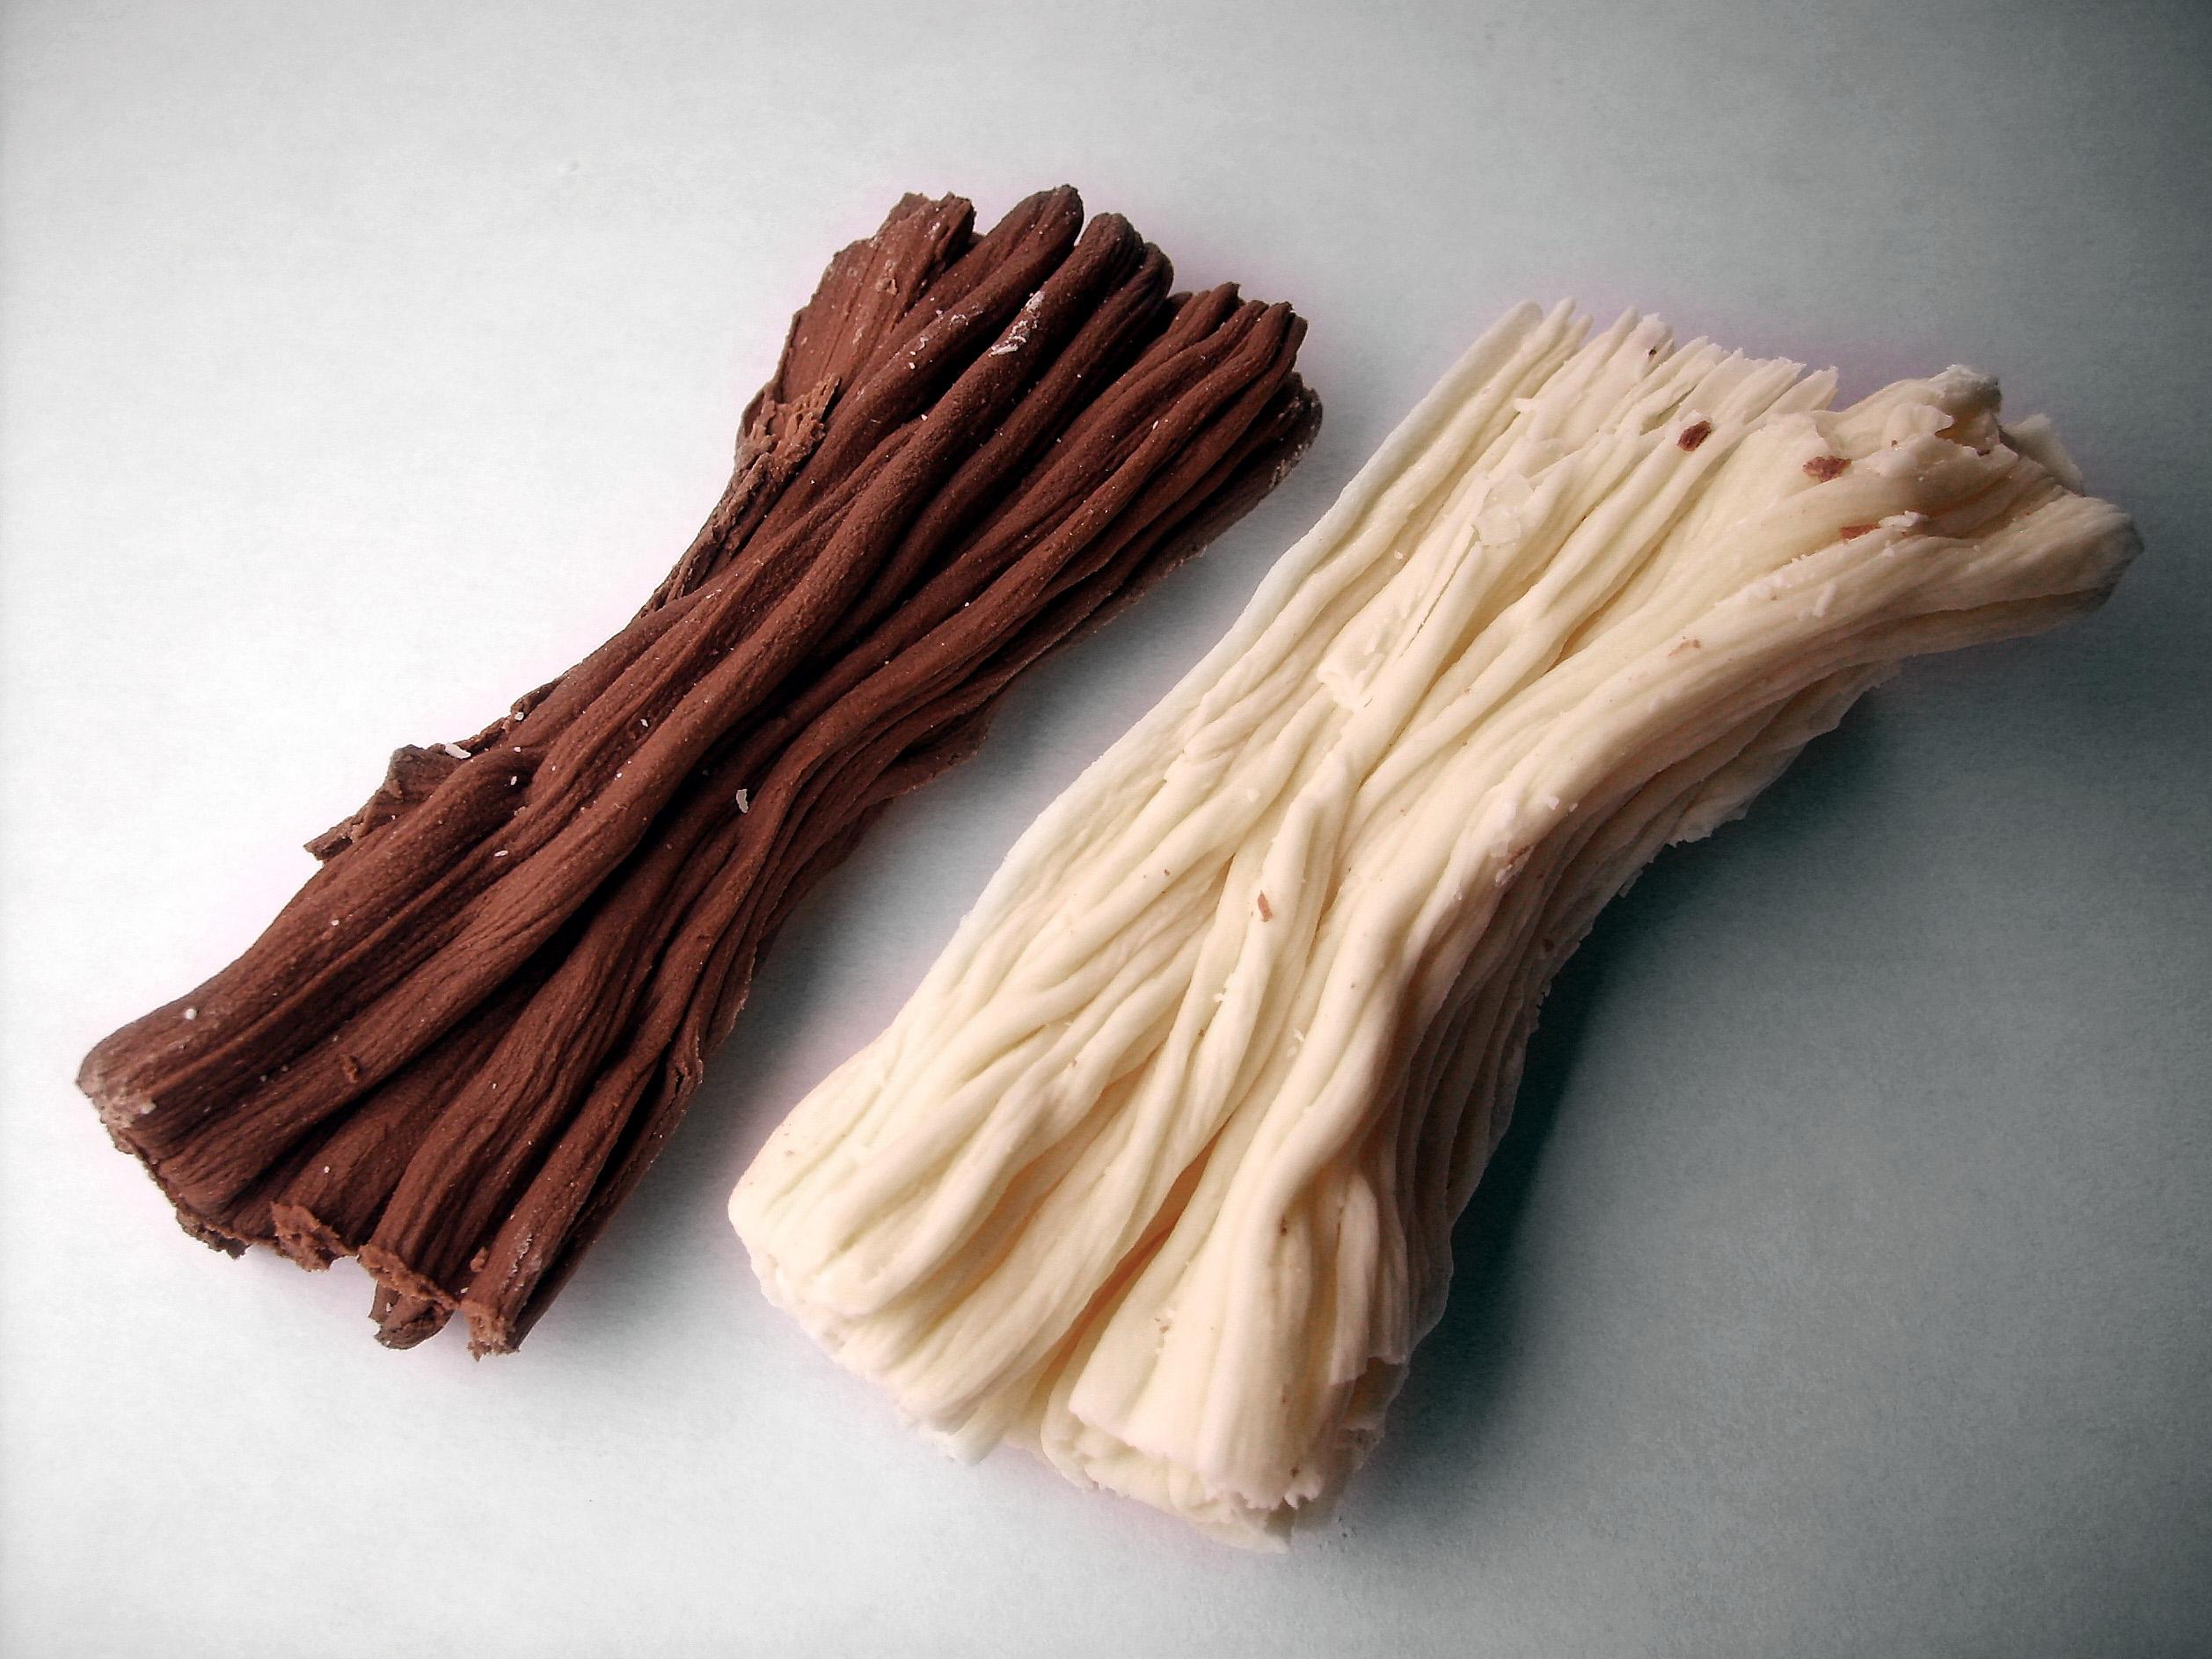 Baño Sencillo De Chocolate:Chocolate En Rama